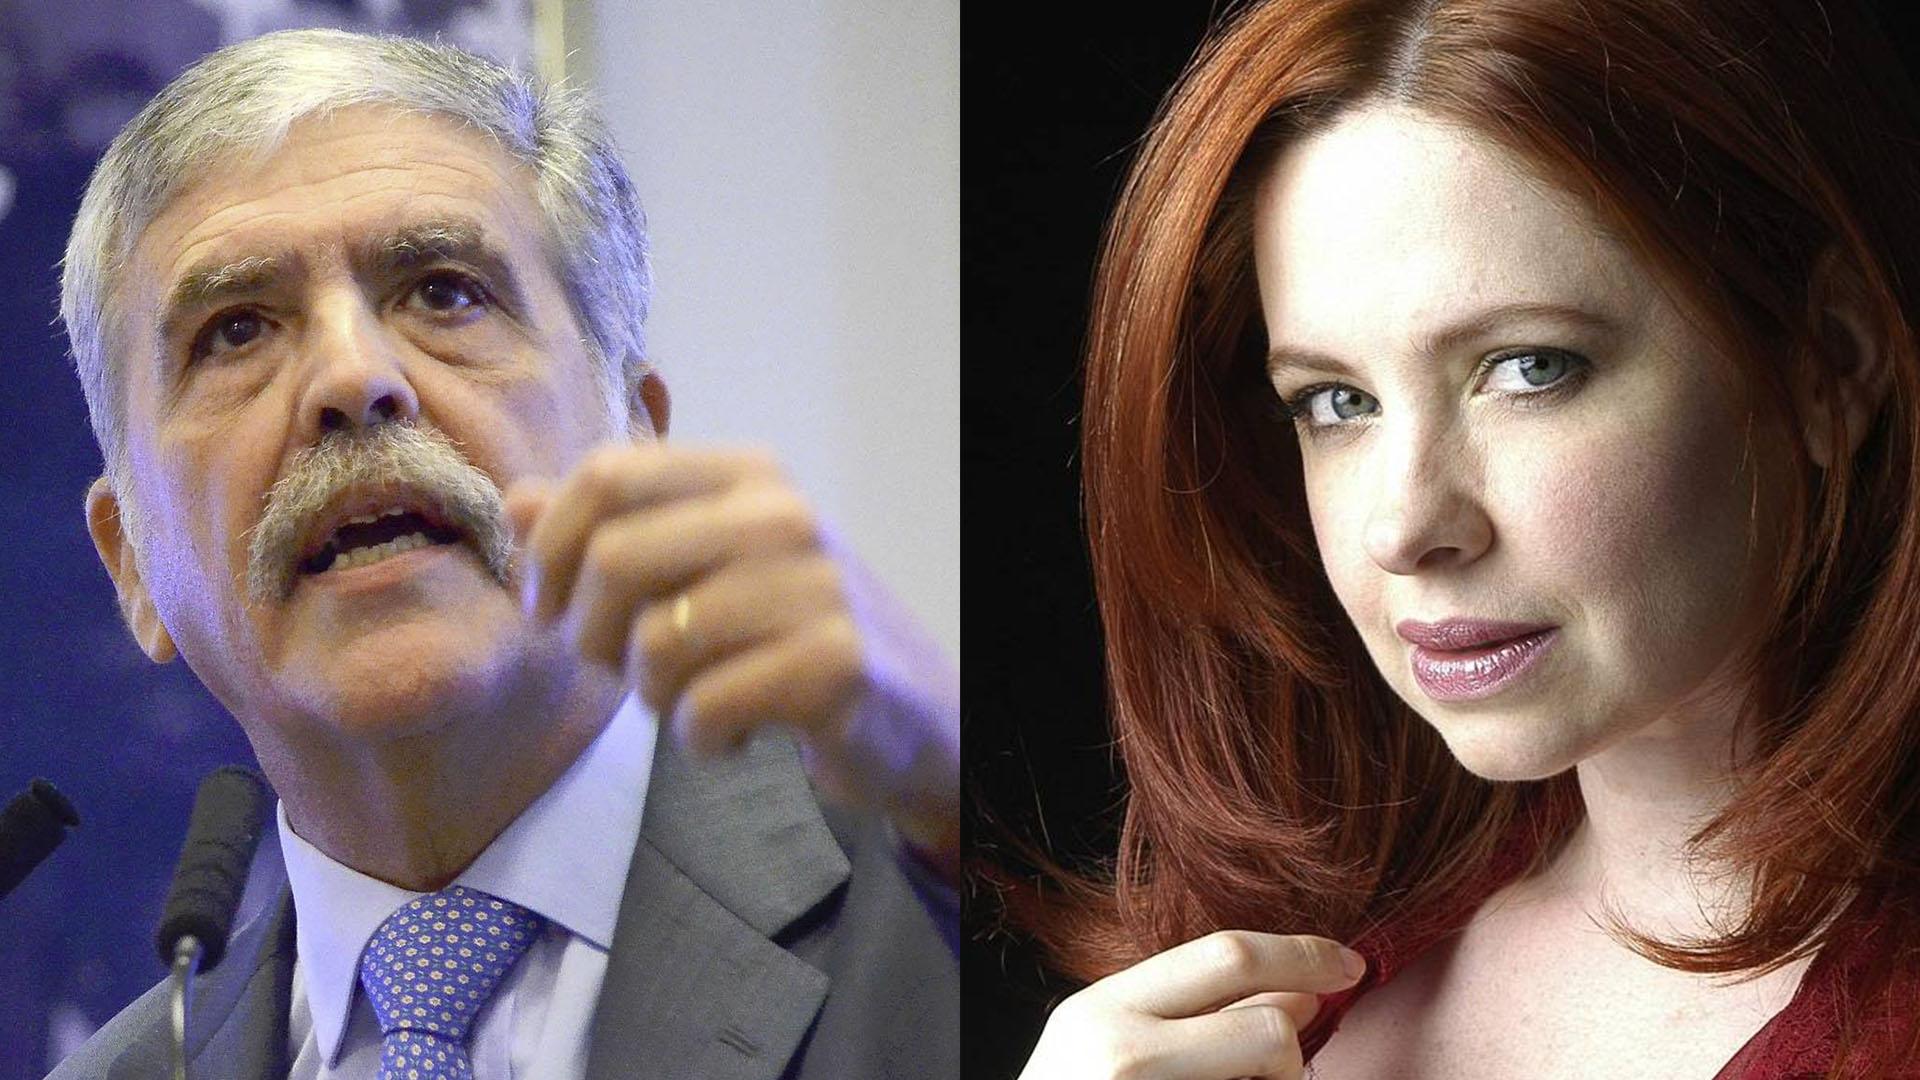 El ex ministro de Planificación y Andre del Boca a juicio oral